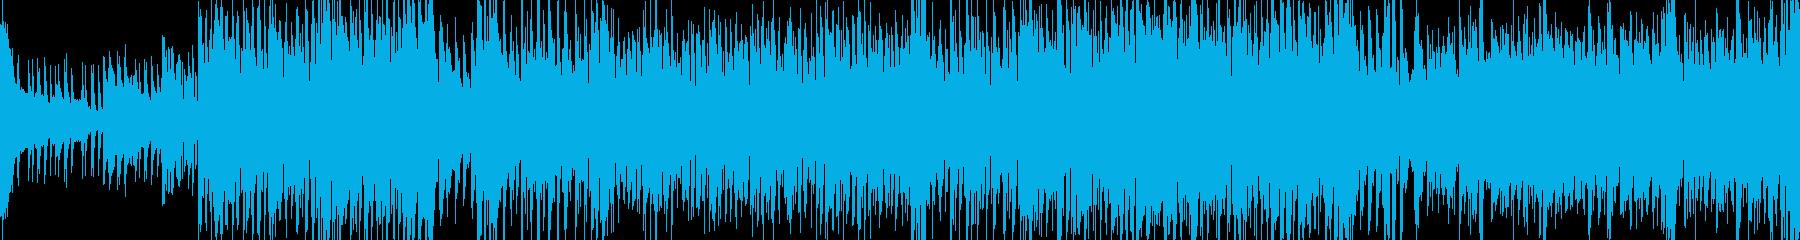 和楽器による疾走感のあるBGMの再生済みの波形